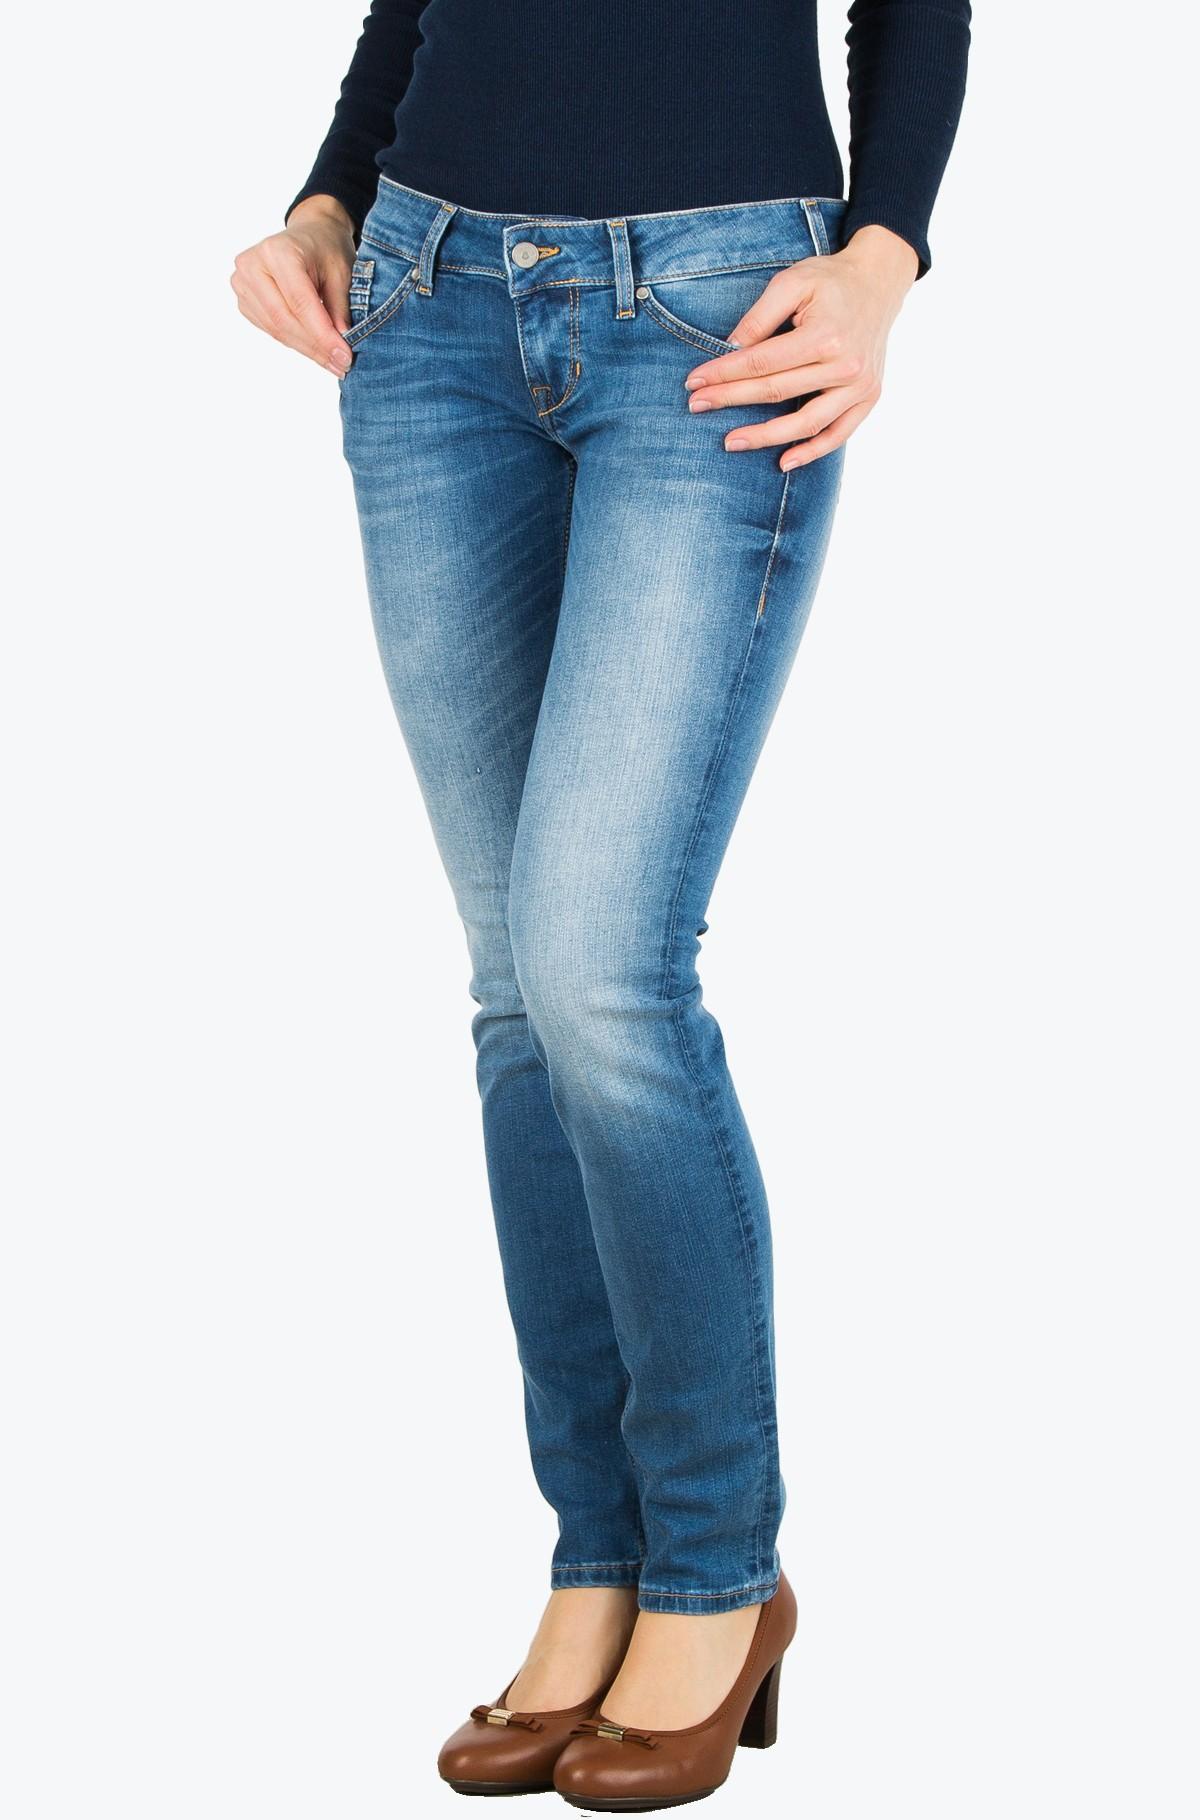 Jeans 3588-5740-full-1